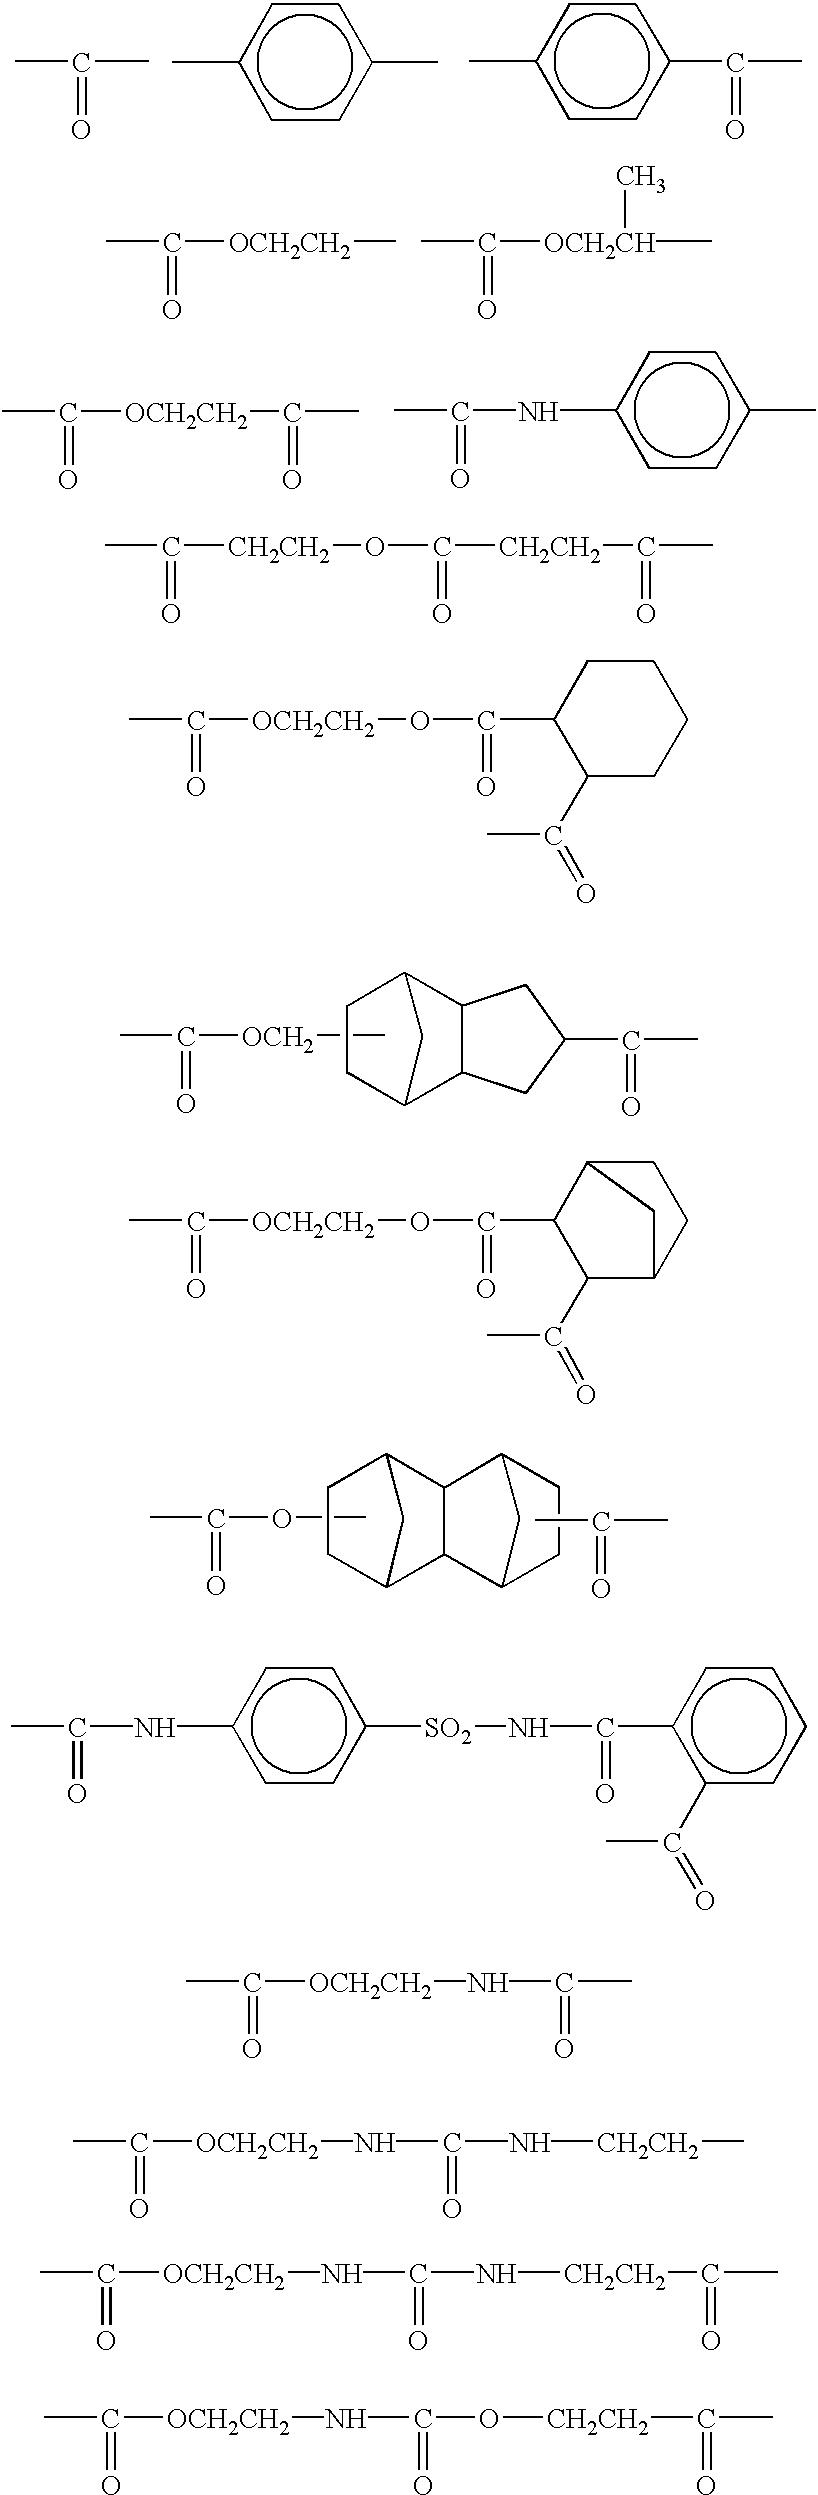 Figure US06596458-20030722-C00042